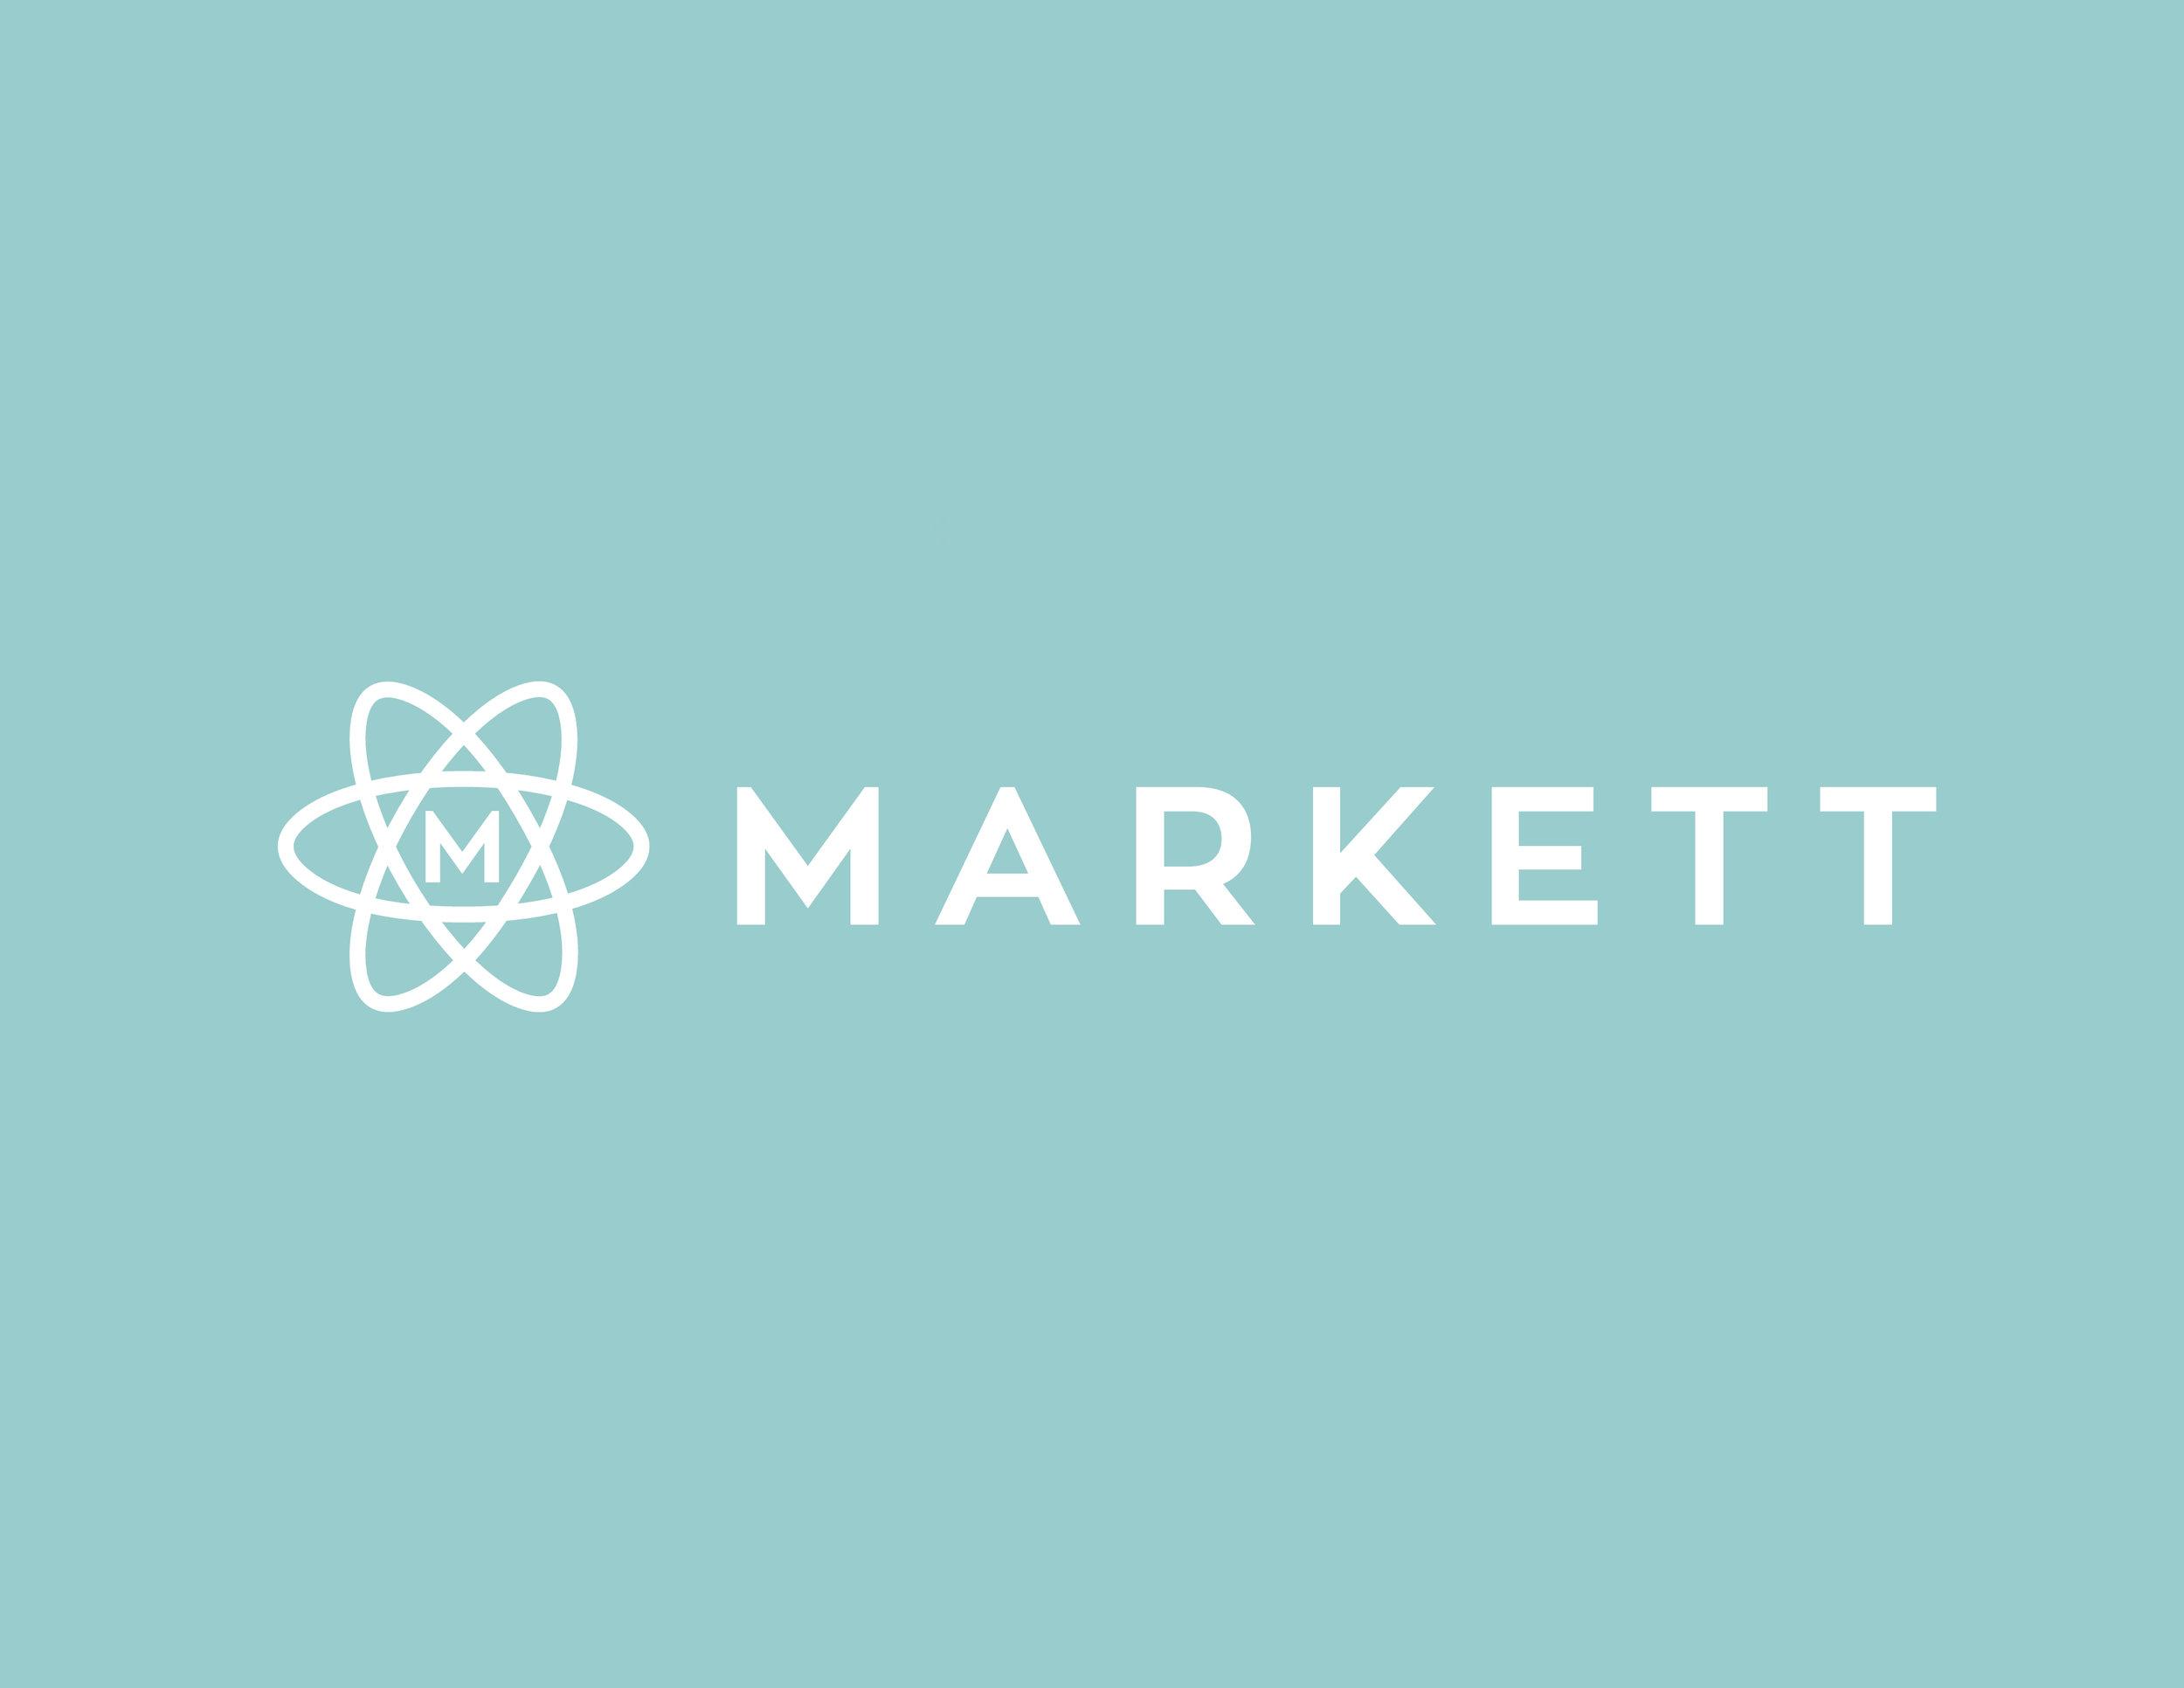 Markett_1.jpg